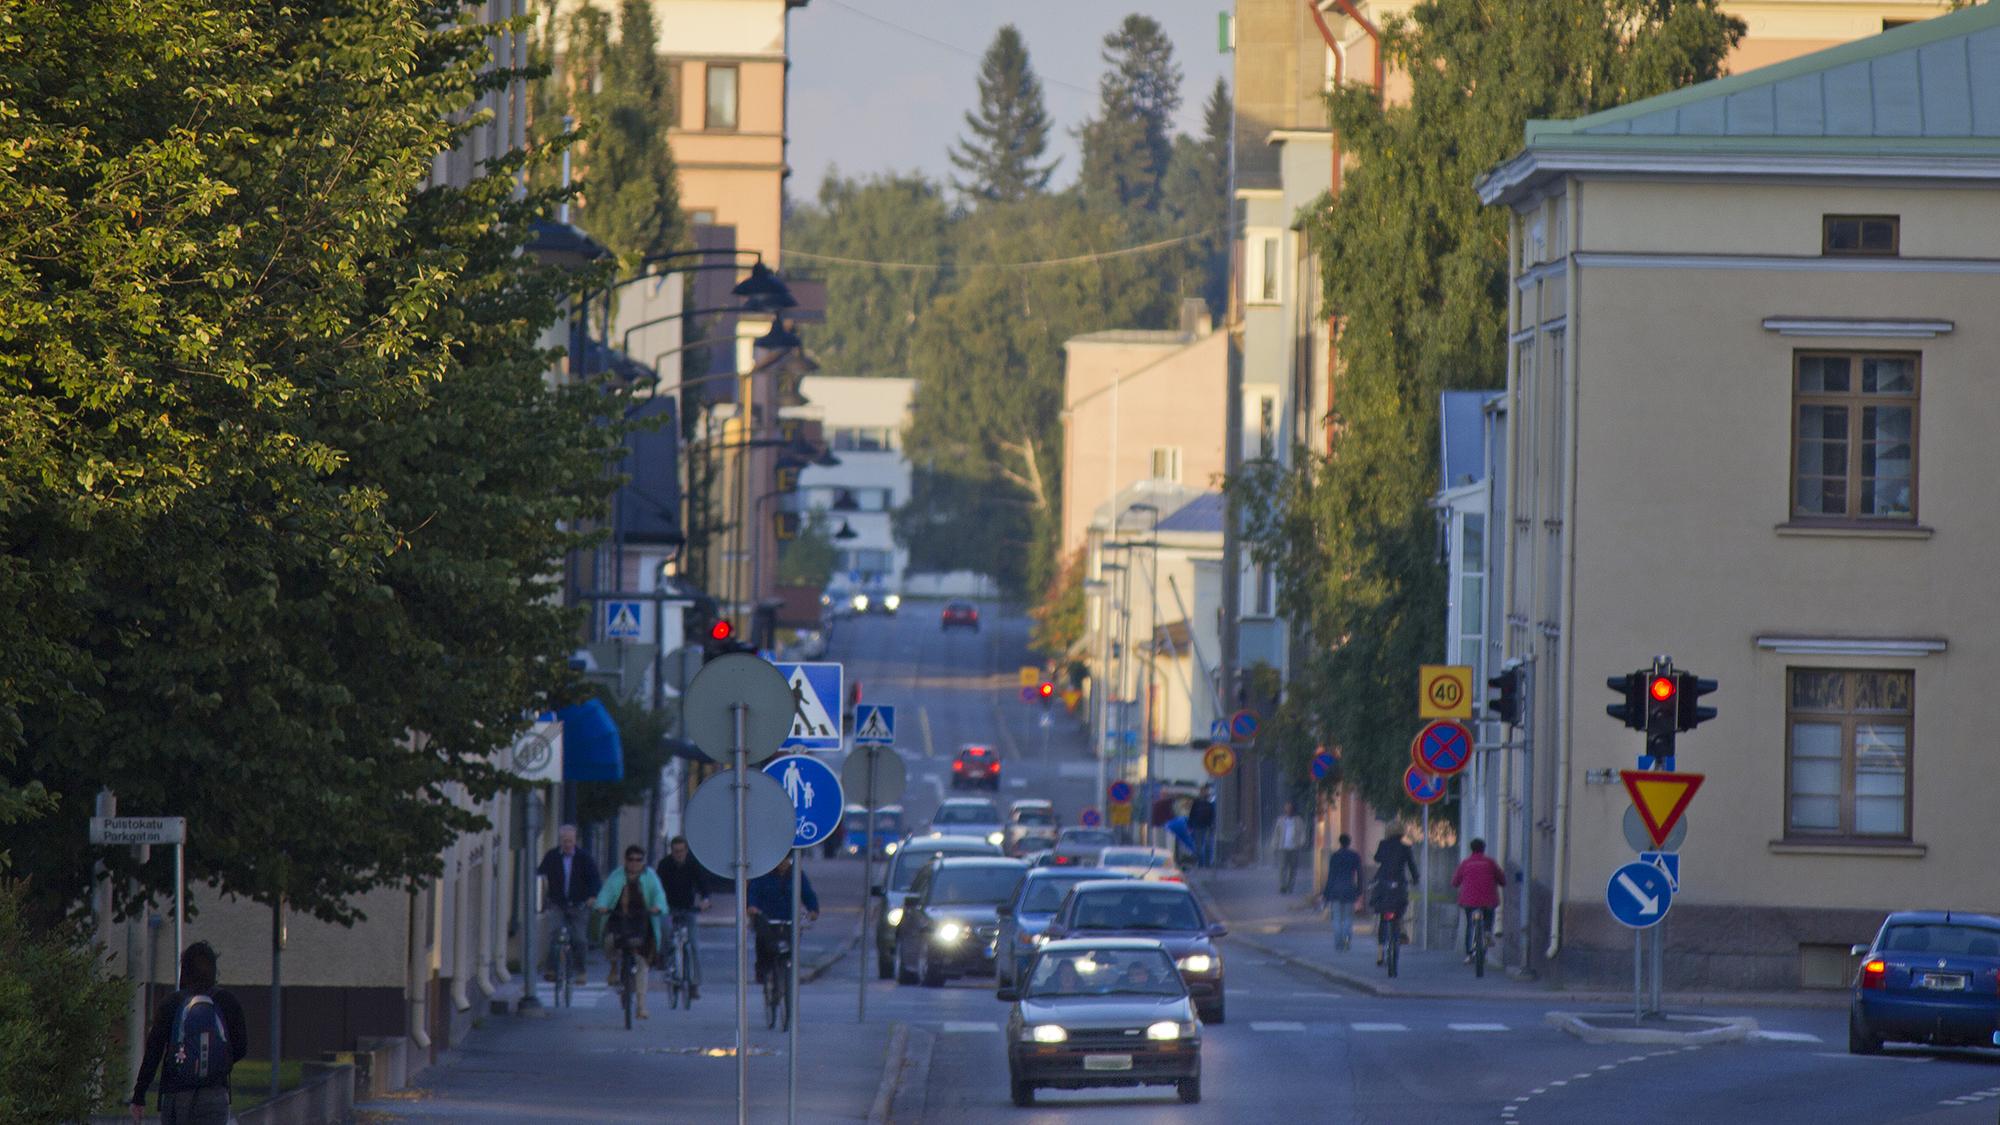 Katunäkymä Torikadulta. Kadun molemmin puolin on korkeita rakennuksia ja kadulla paljon autoja sekä pyöräilijöitä.